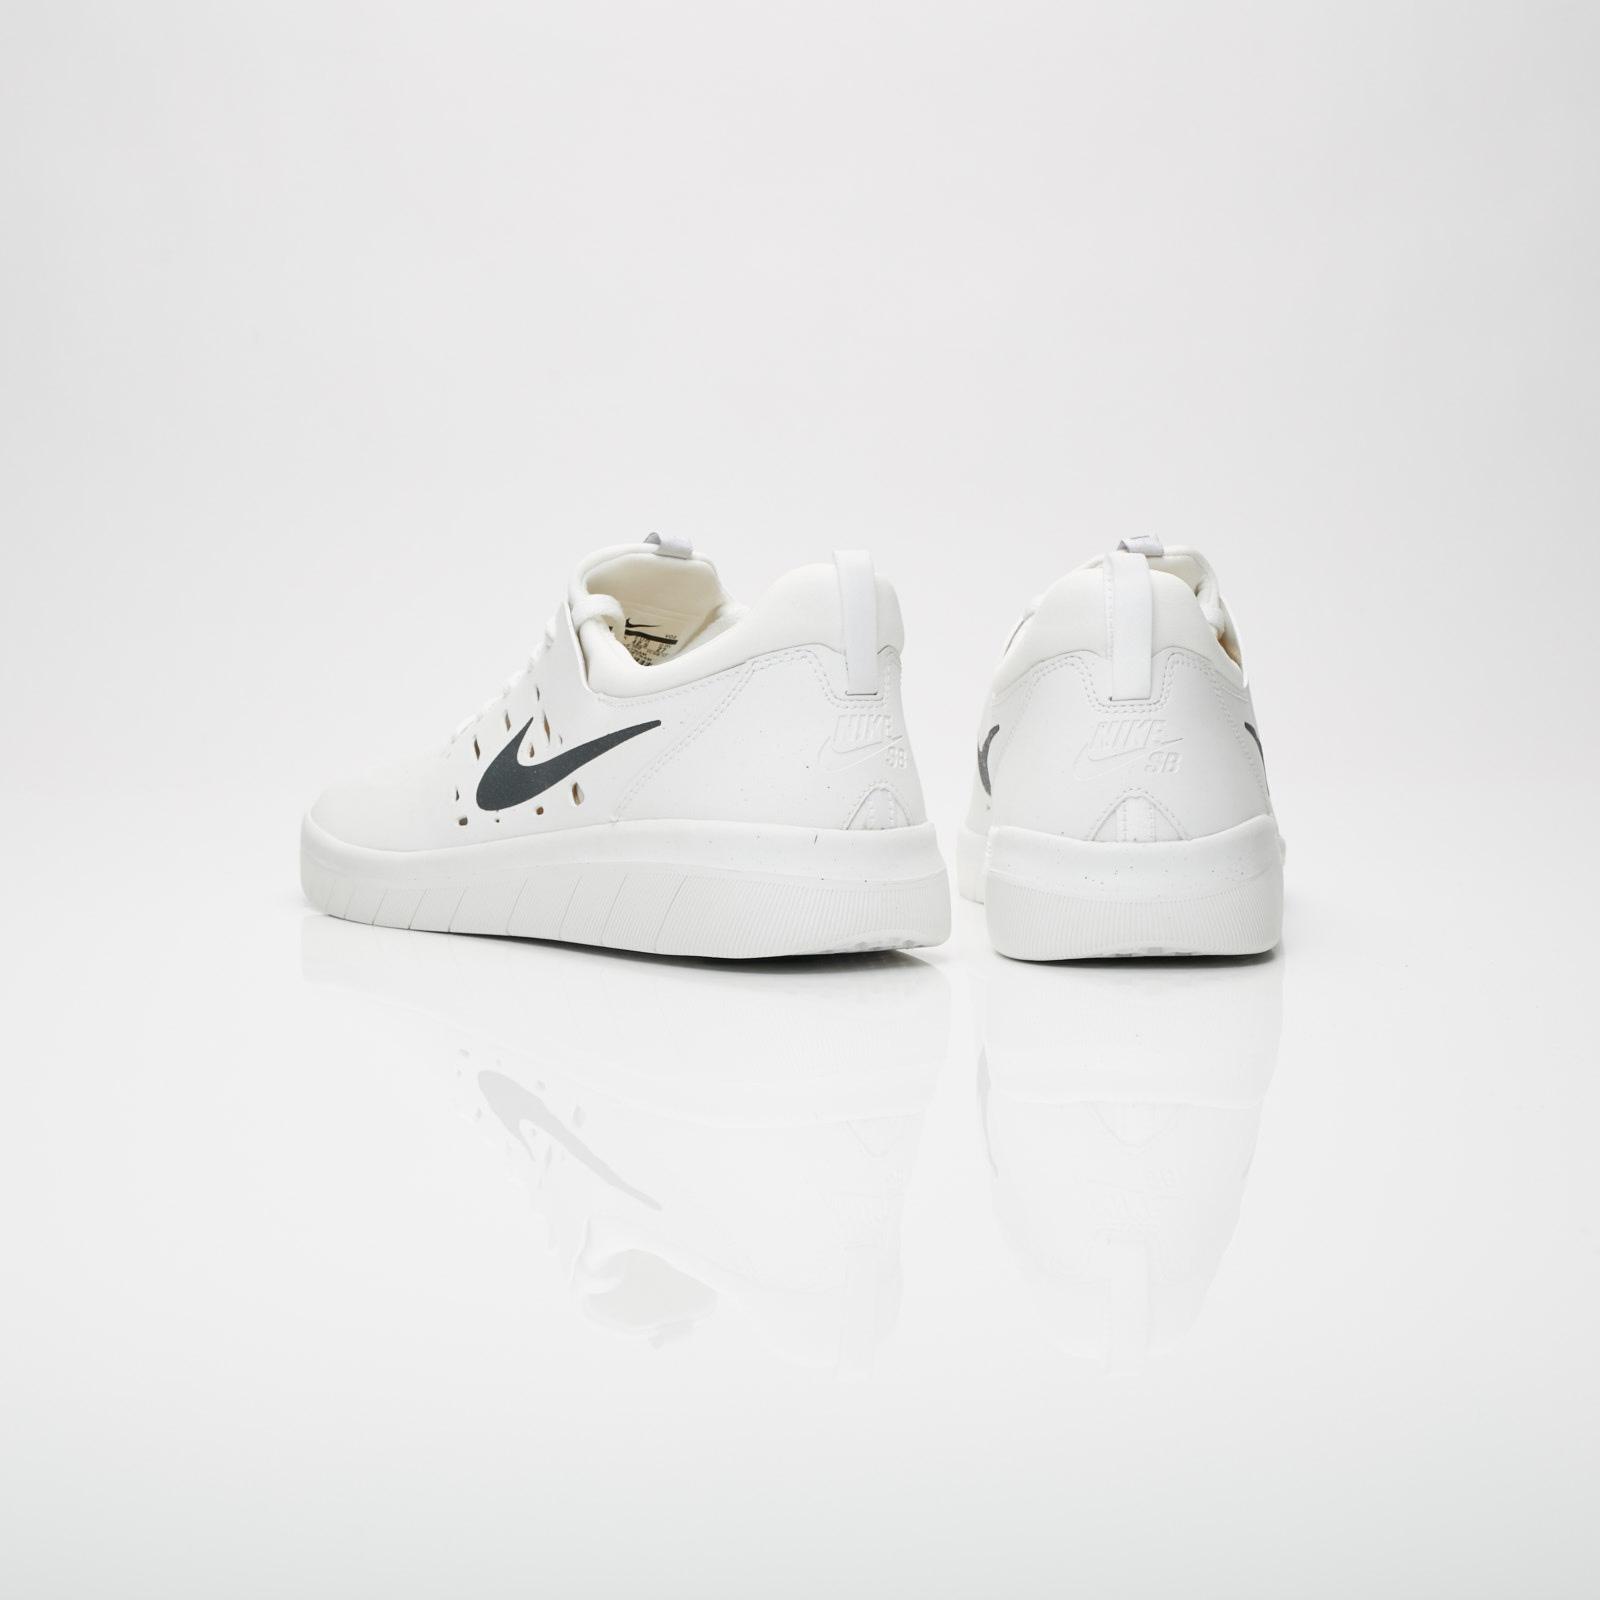 89316b0f02f9a Nike Nyjah Free - Aa4272-100 - Sneakersnstuff